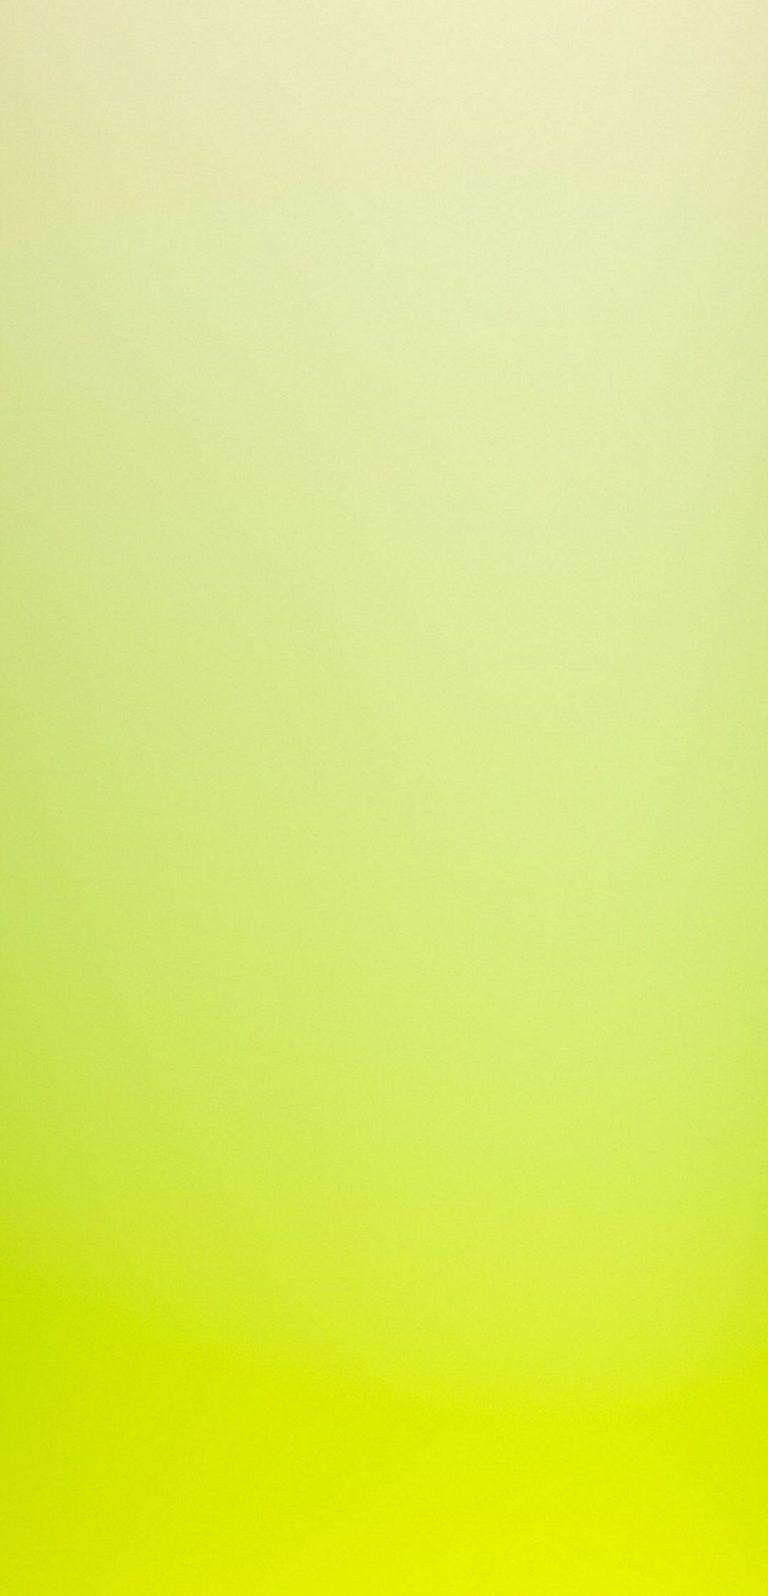 1080x2244 Wallpaper 141 768x1596